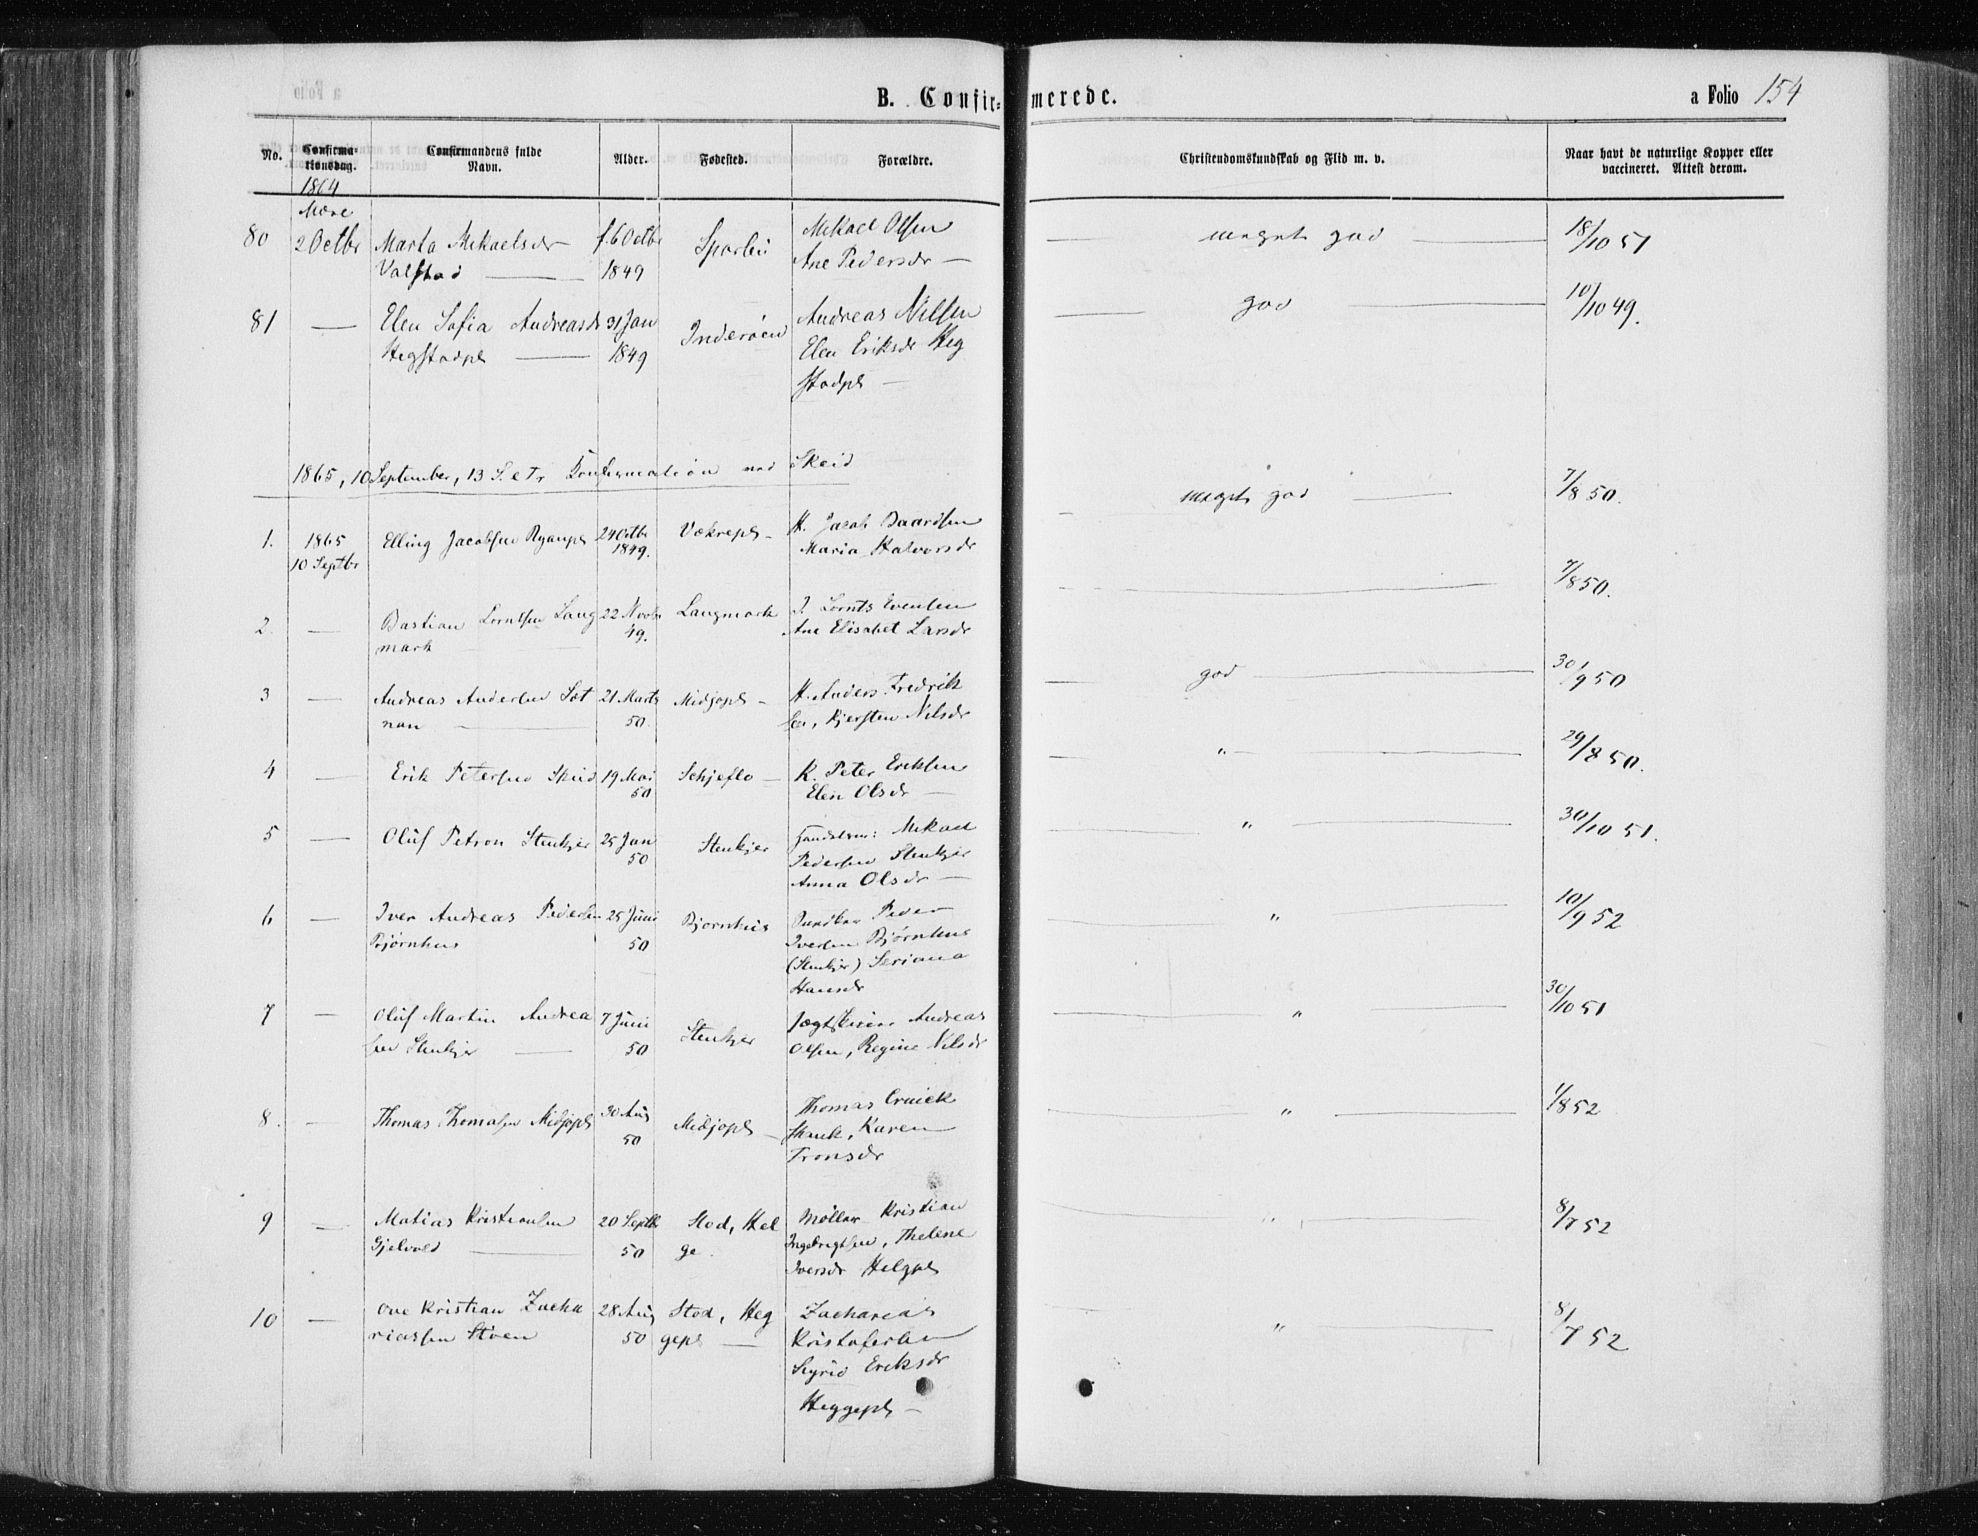 SAT, Ministerialprotokoller, klokkerbøker og fødselsregistre - Nord-Trøndelag, 735/L0345: Ministerialbok nr. 735A08 /1, 1863-1872, s. 154